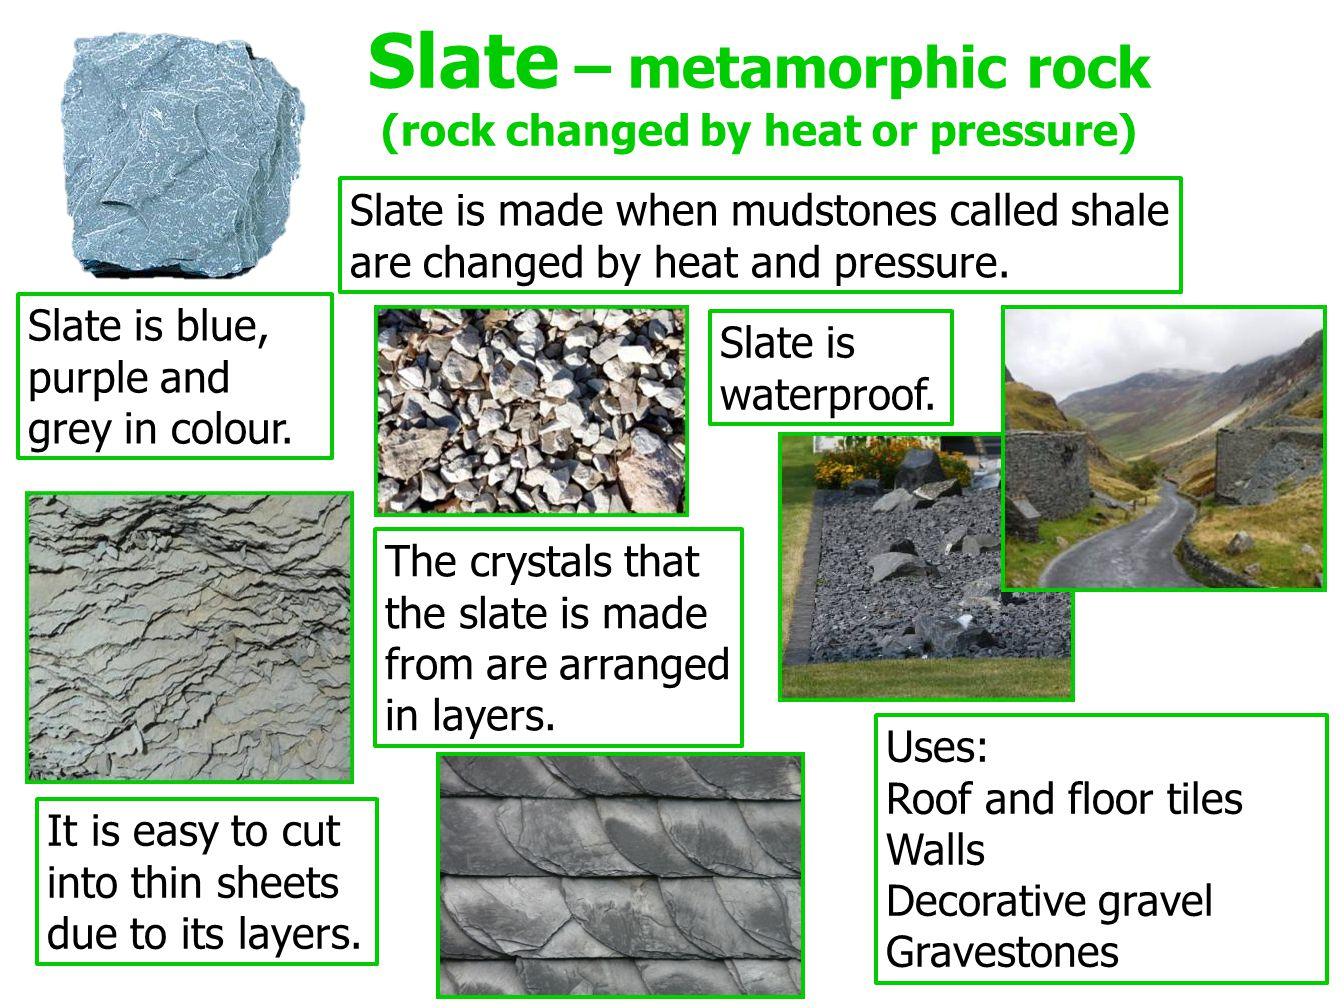 Slate – metamorphic rock (rock changed by heat or pressure)